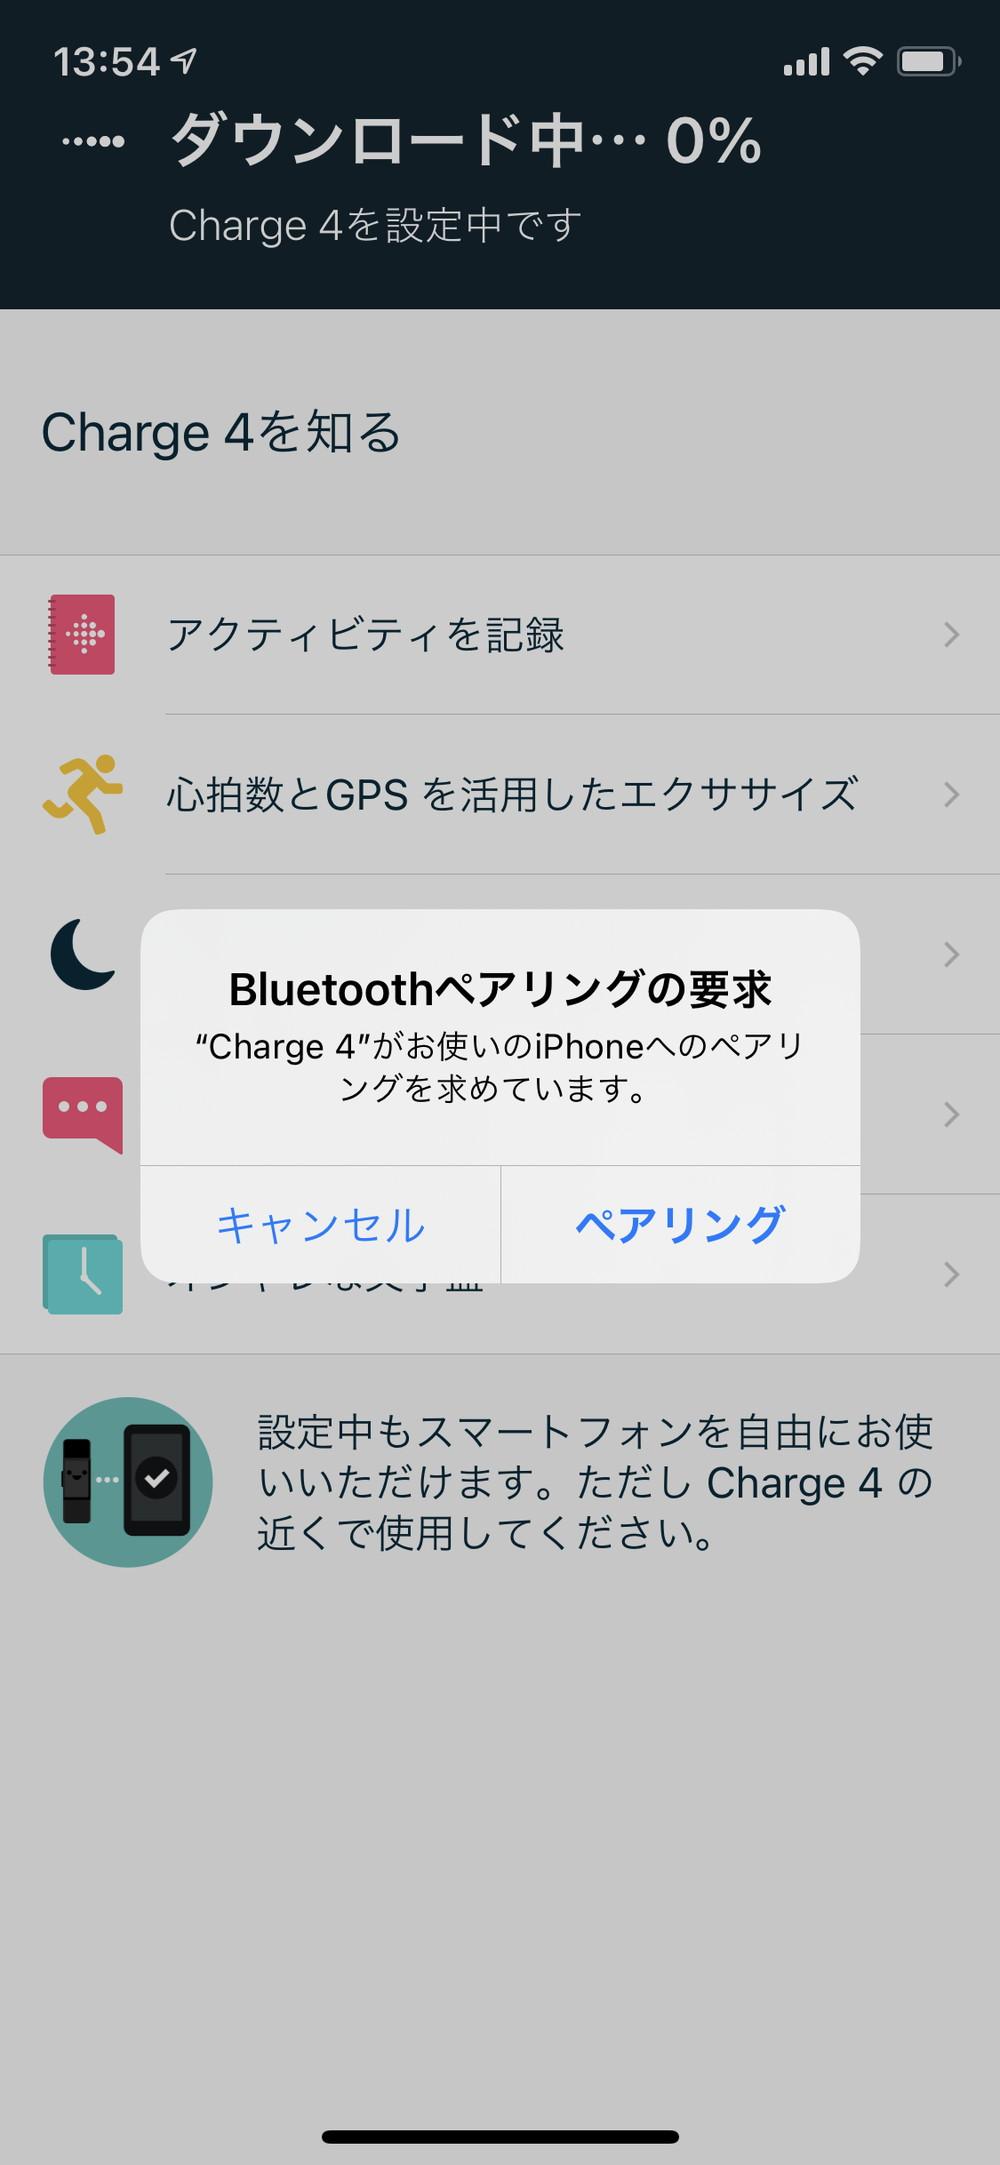 Fitbit Bluetoothペアリングの要求